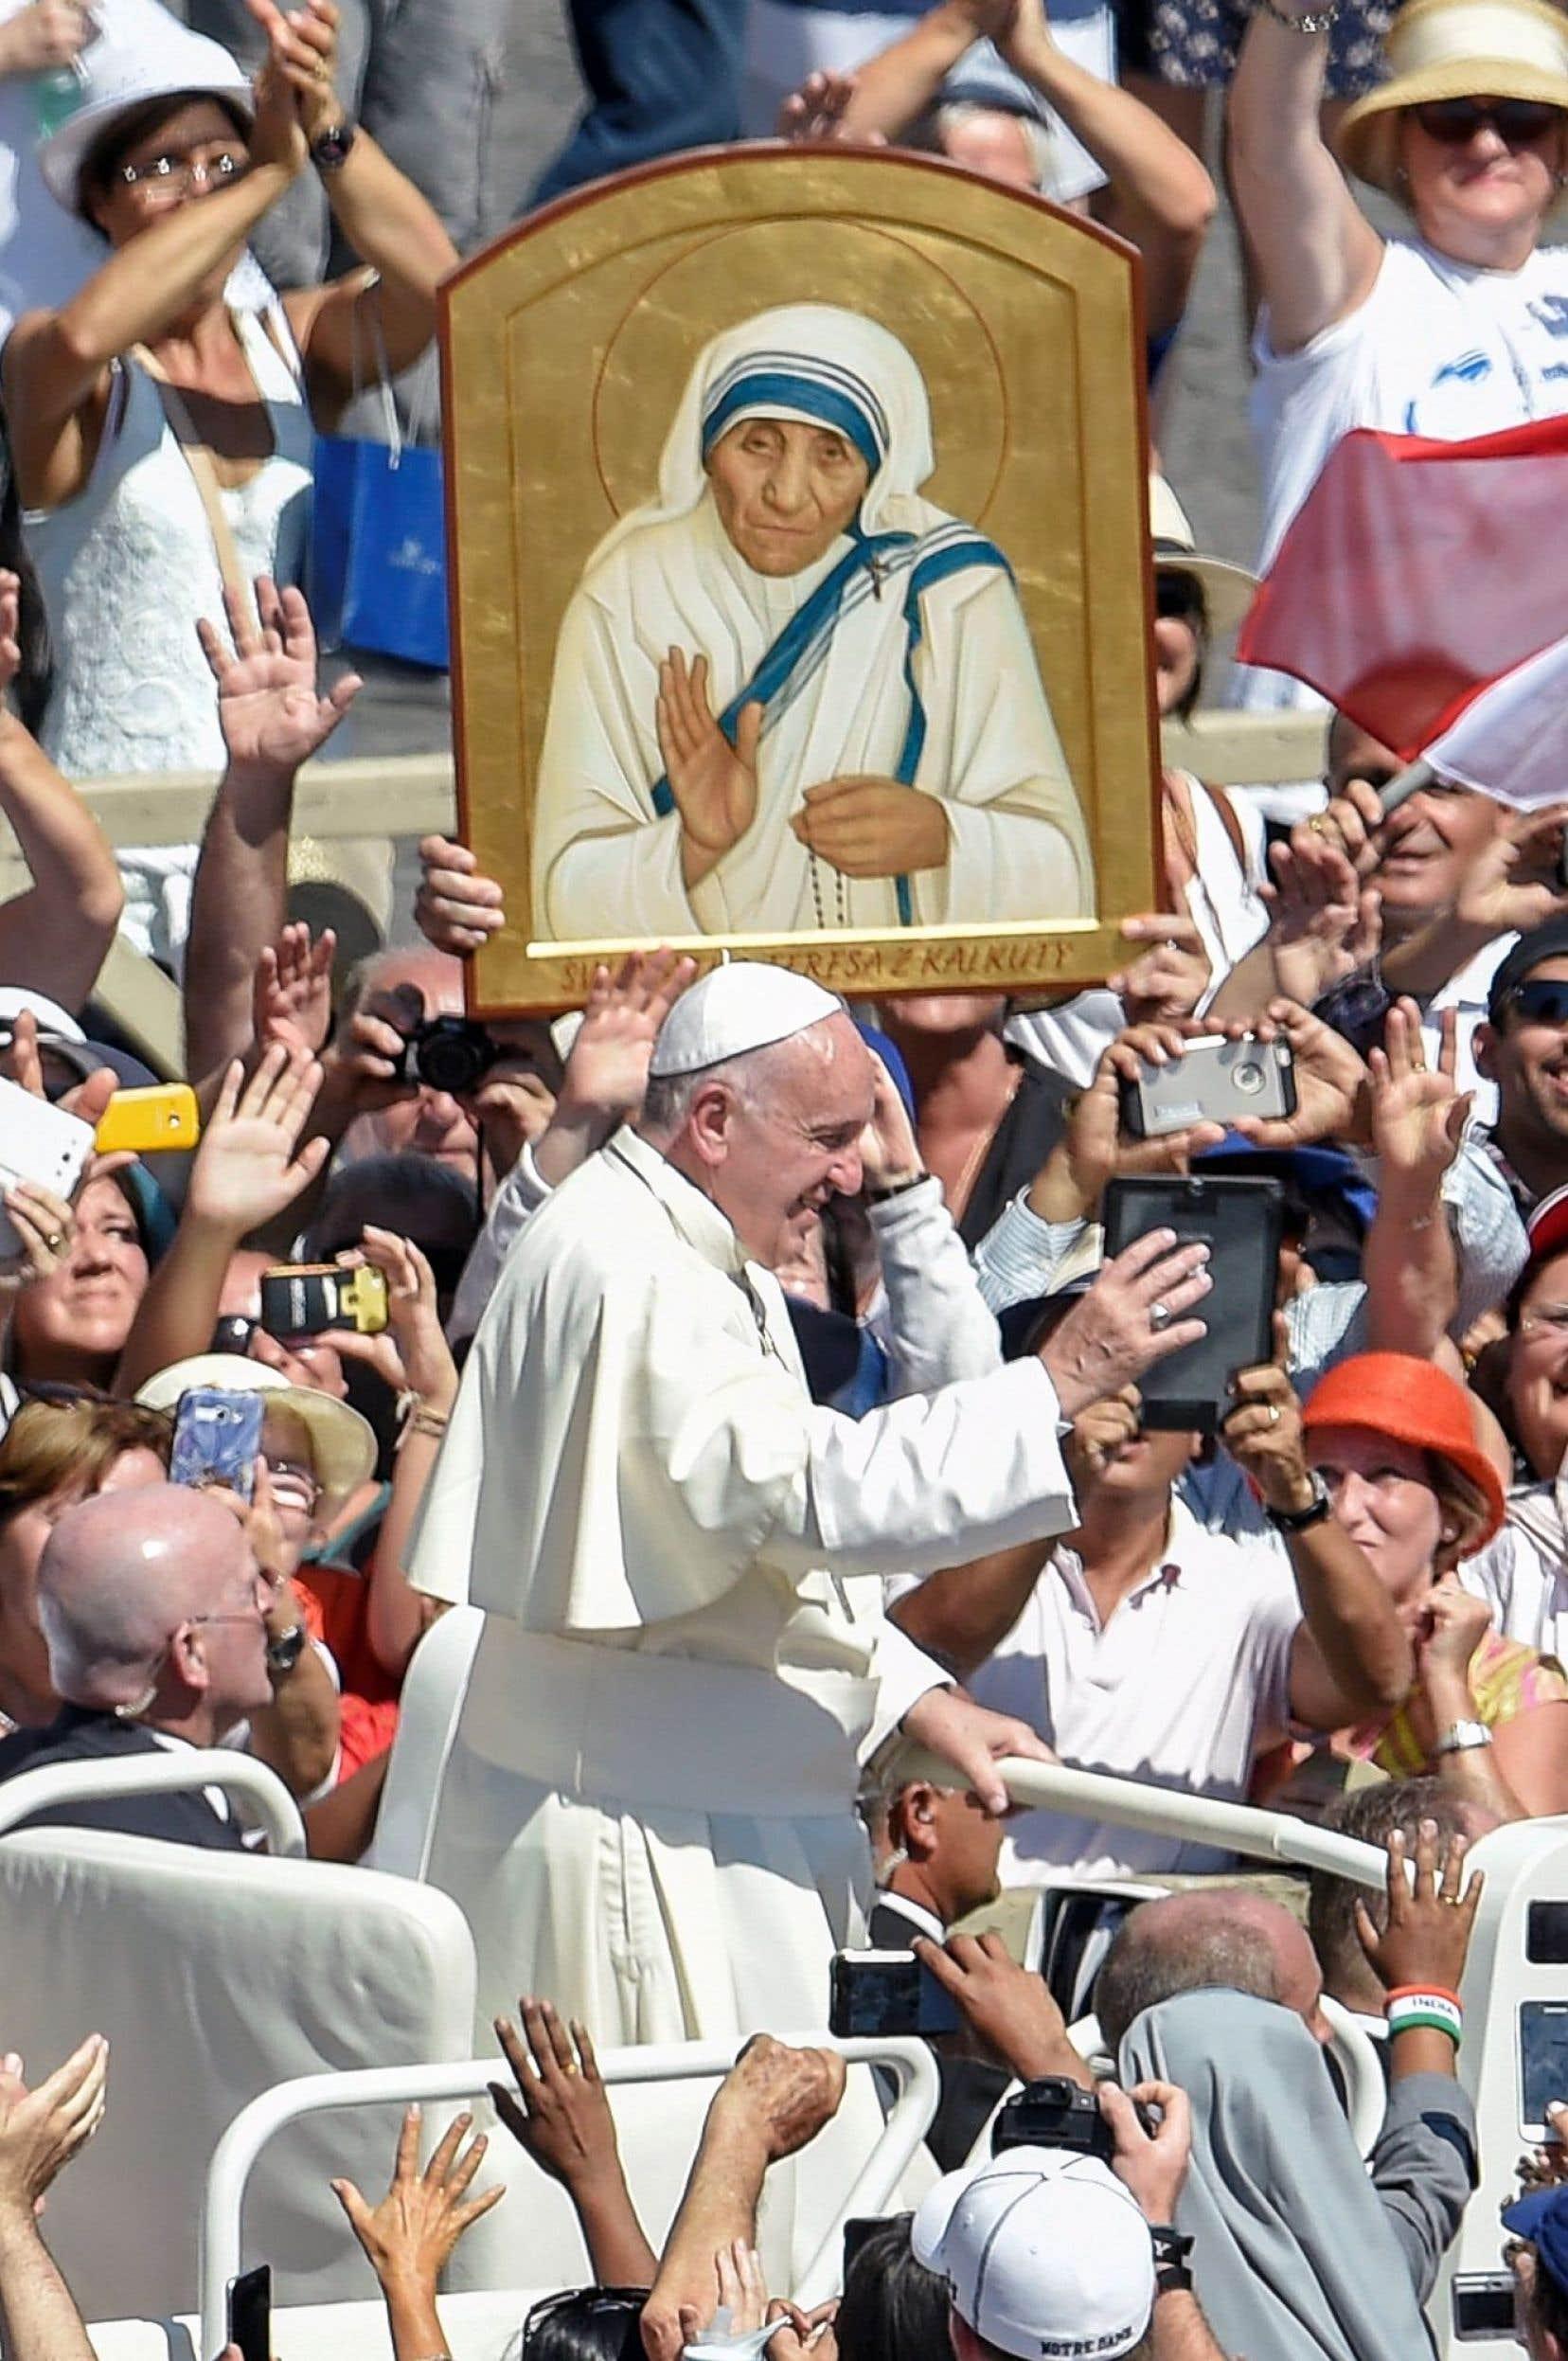 Quelque 120 000 fidèles ont assisté à la canonisation de mère Teresa sur la place Saint-Pierre dimanche.